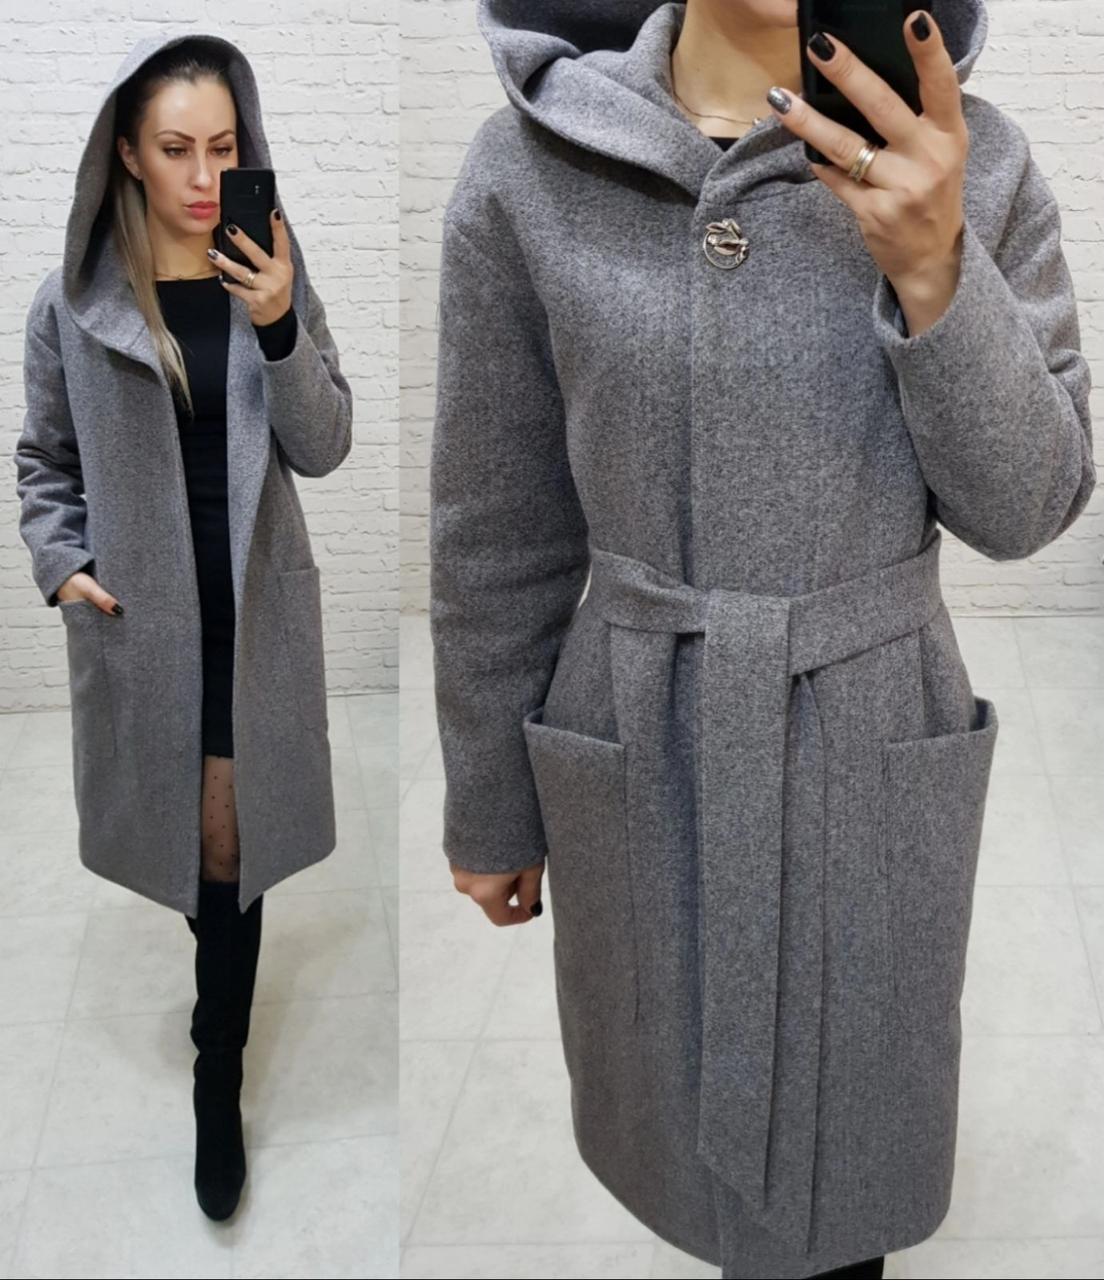 Утеплене кашемірове пальто з капюшоном на утеплювачі, арт 176, колір сірий класика (8)